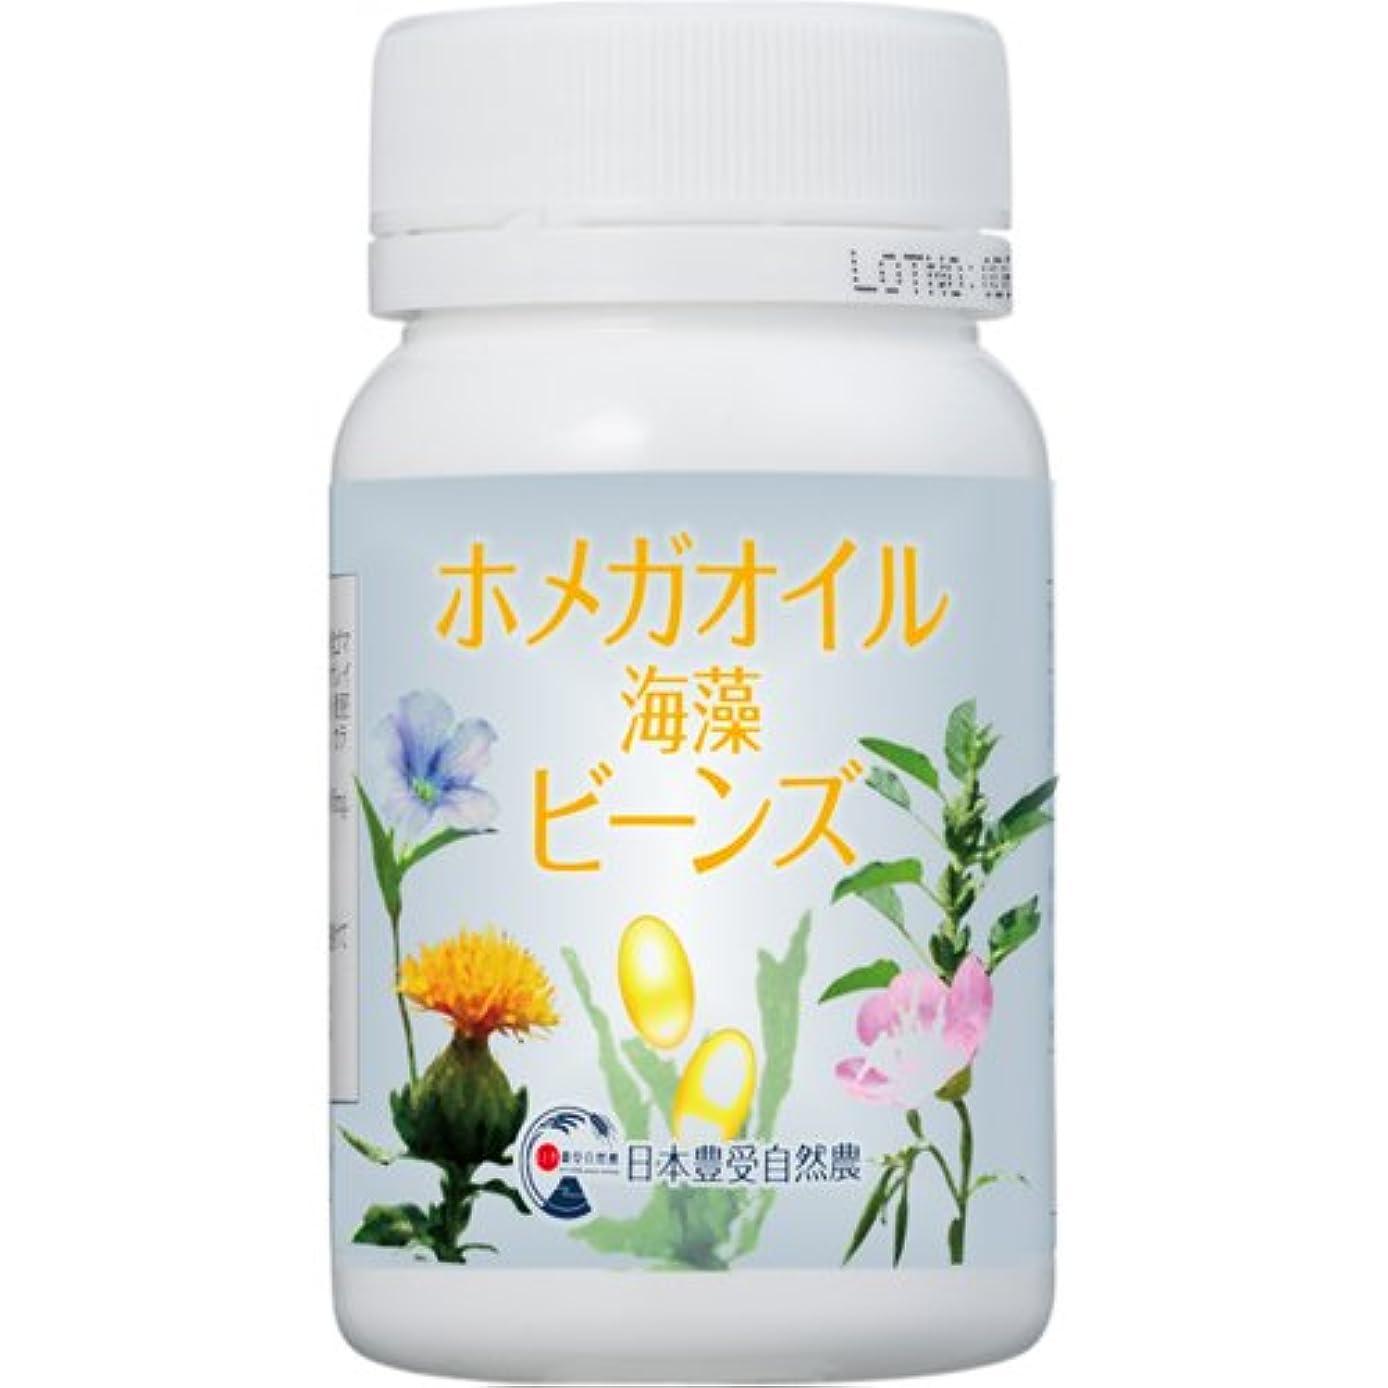 贅沢アナロジーフィードバック日本豊受自然農 ホメガオイル海藻ビーンズ 約90粒